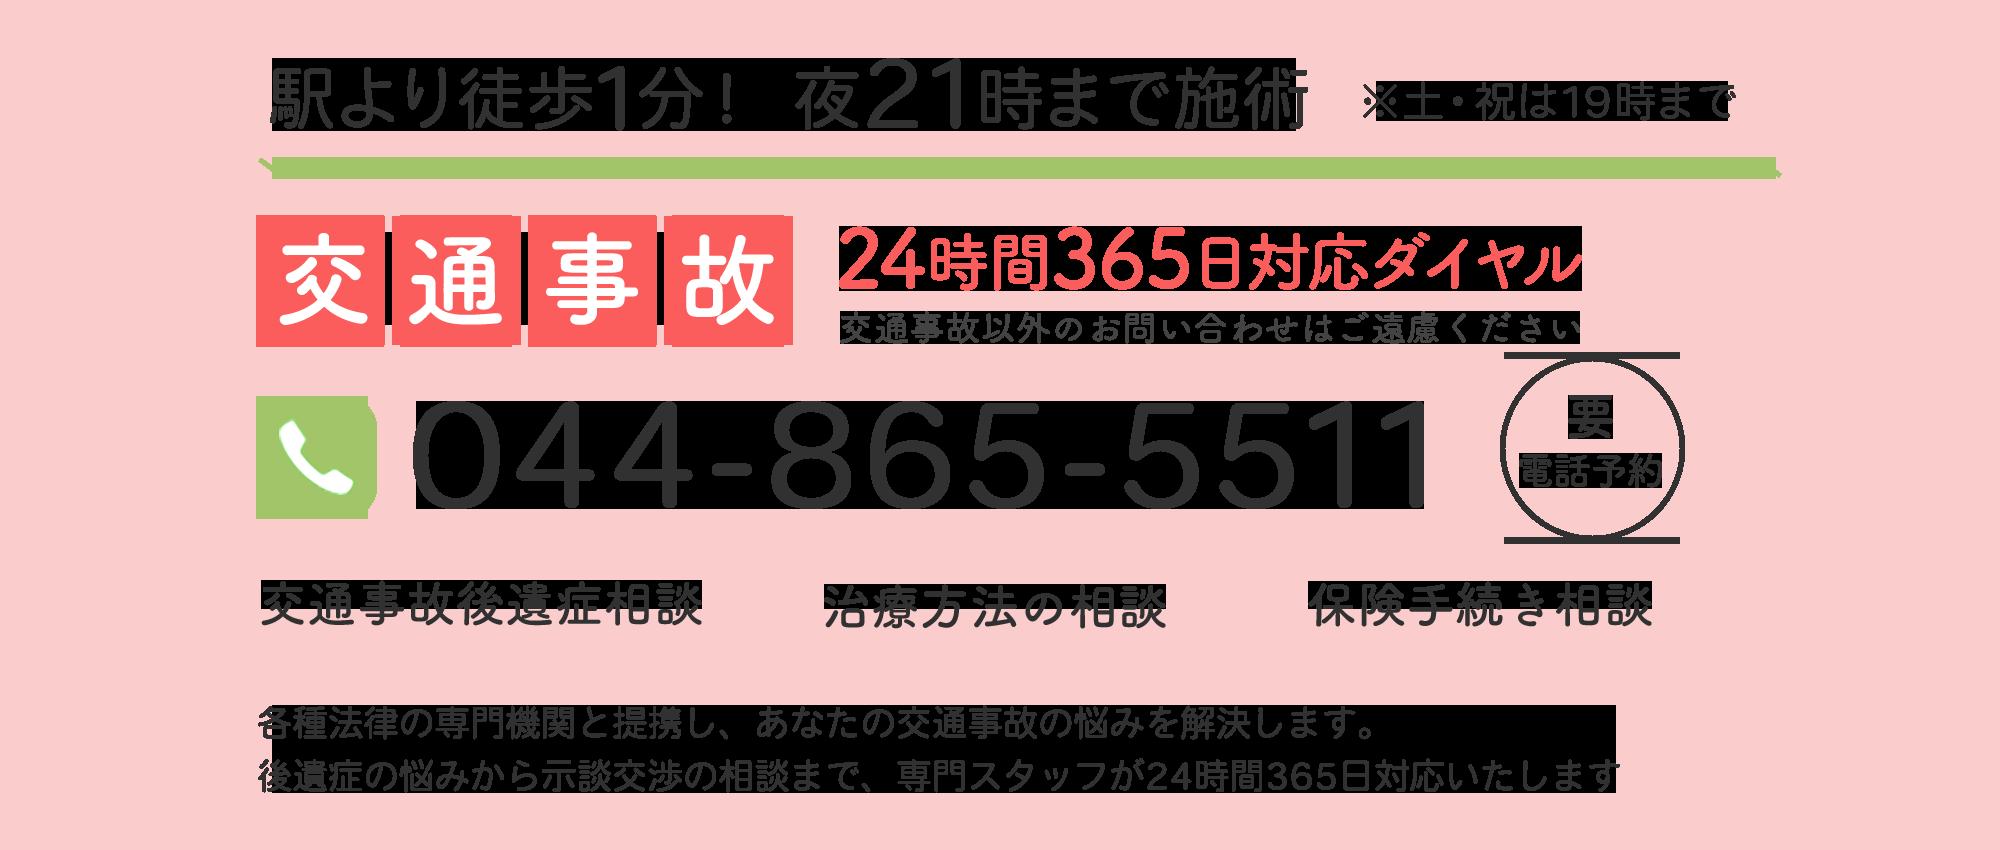 交通事故交通事故24時間365日対応ダイヤル「045-561-5544」045-561-5544各種法律の専門機関と提携し、あなたの交通事故の悩みを解決します。後遺症の悩みから示談交渉の相談まで、専門スタッフが24時間365日対応いたします